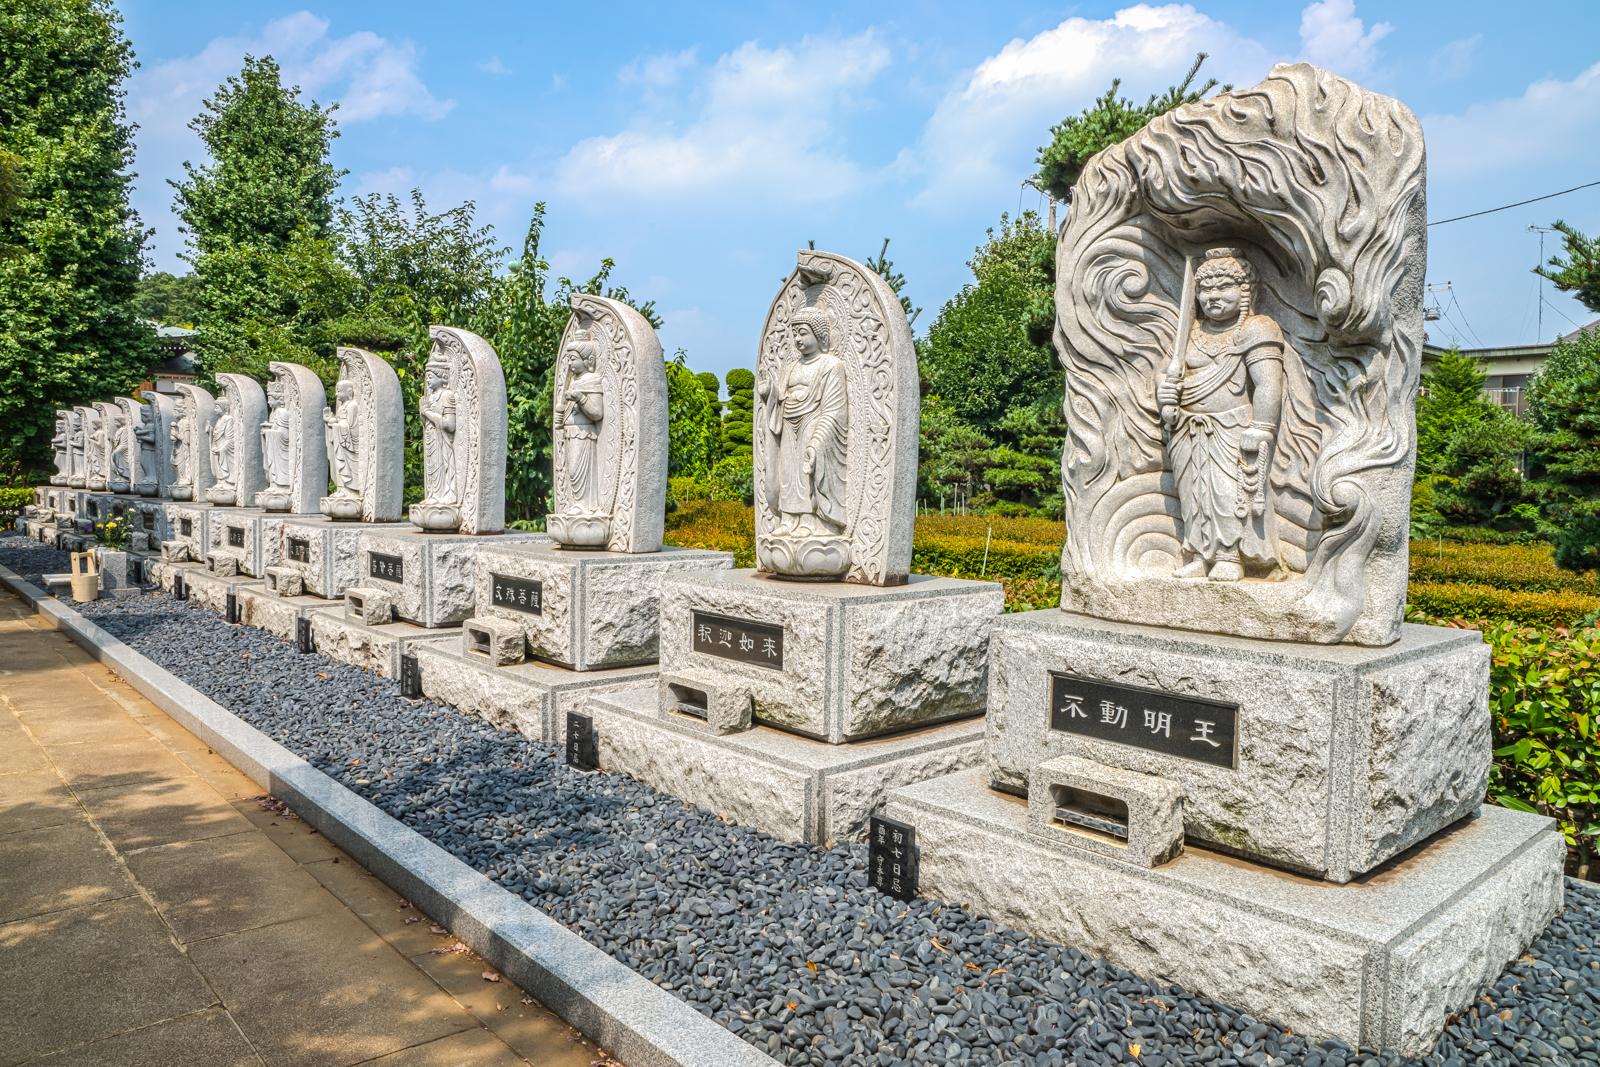 正福寺の参道の様子を写した写真